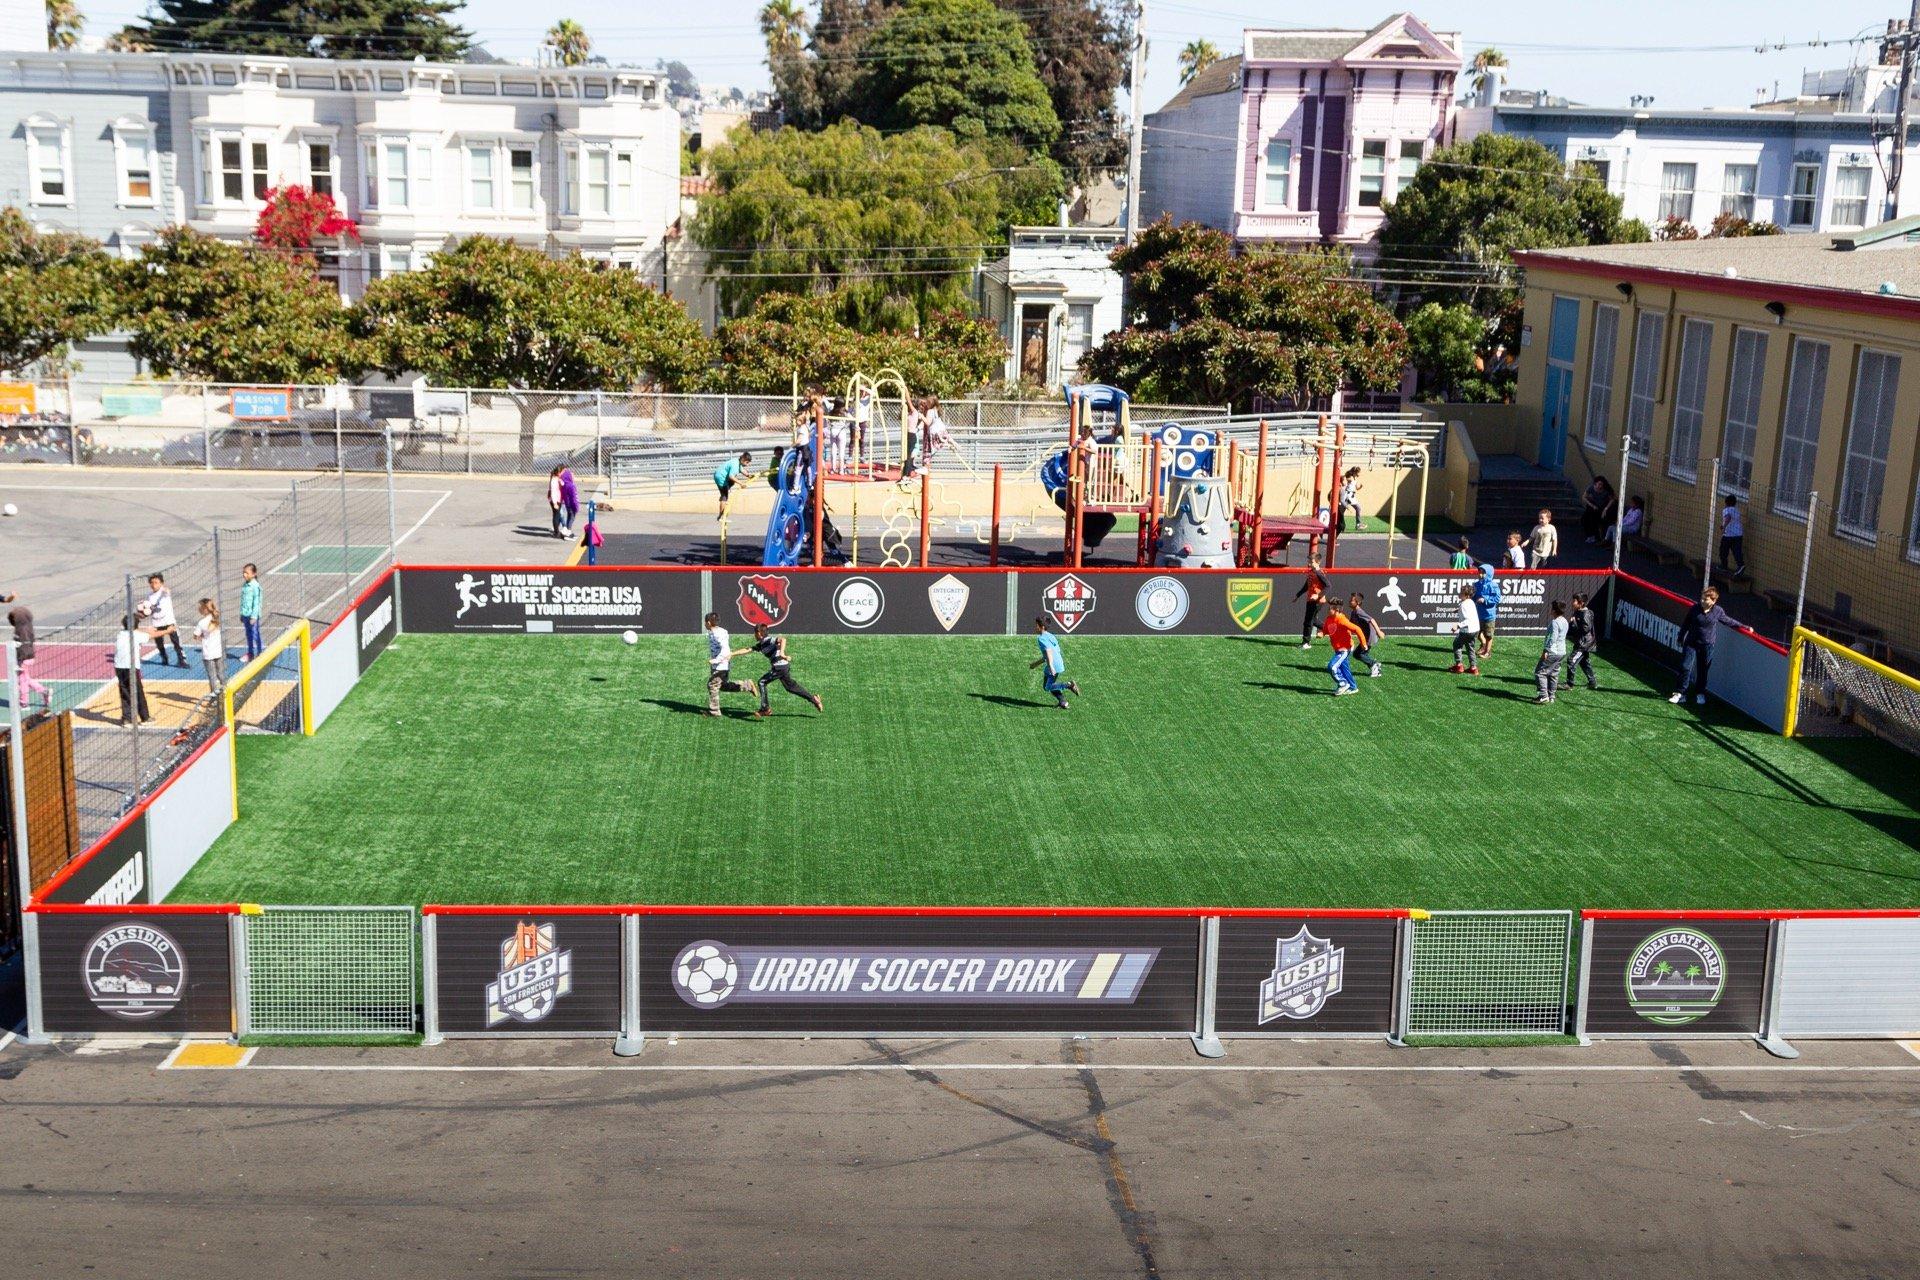 san-francisco-school-soccer-field